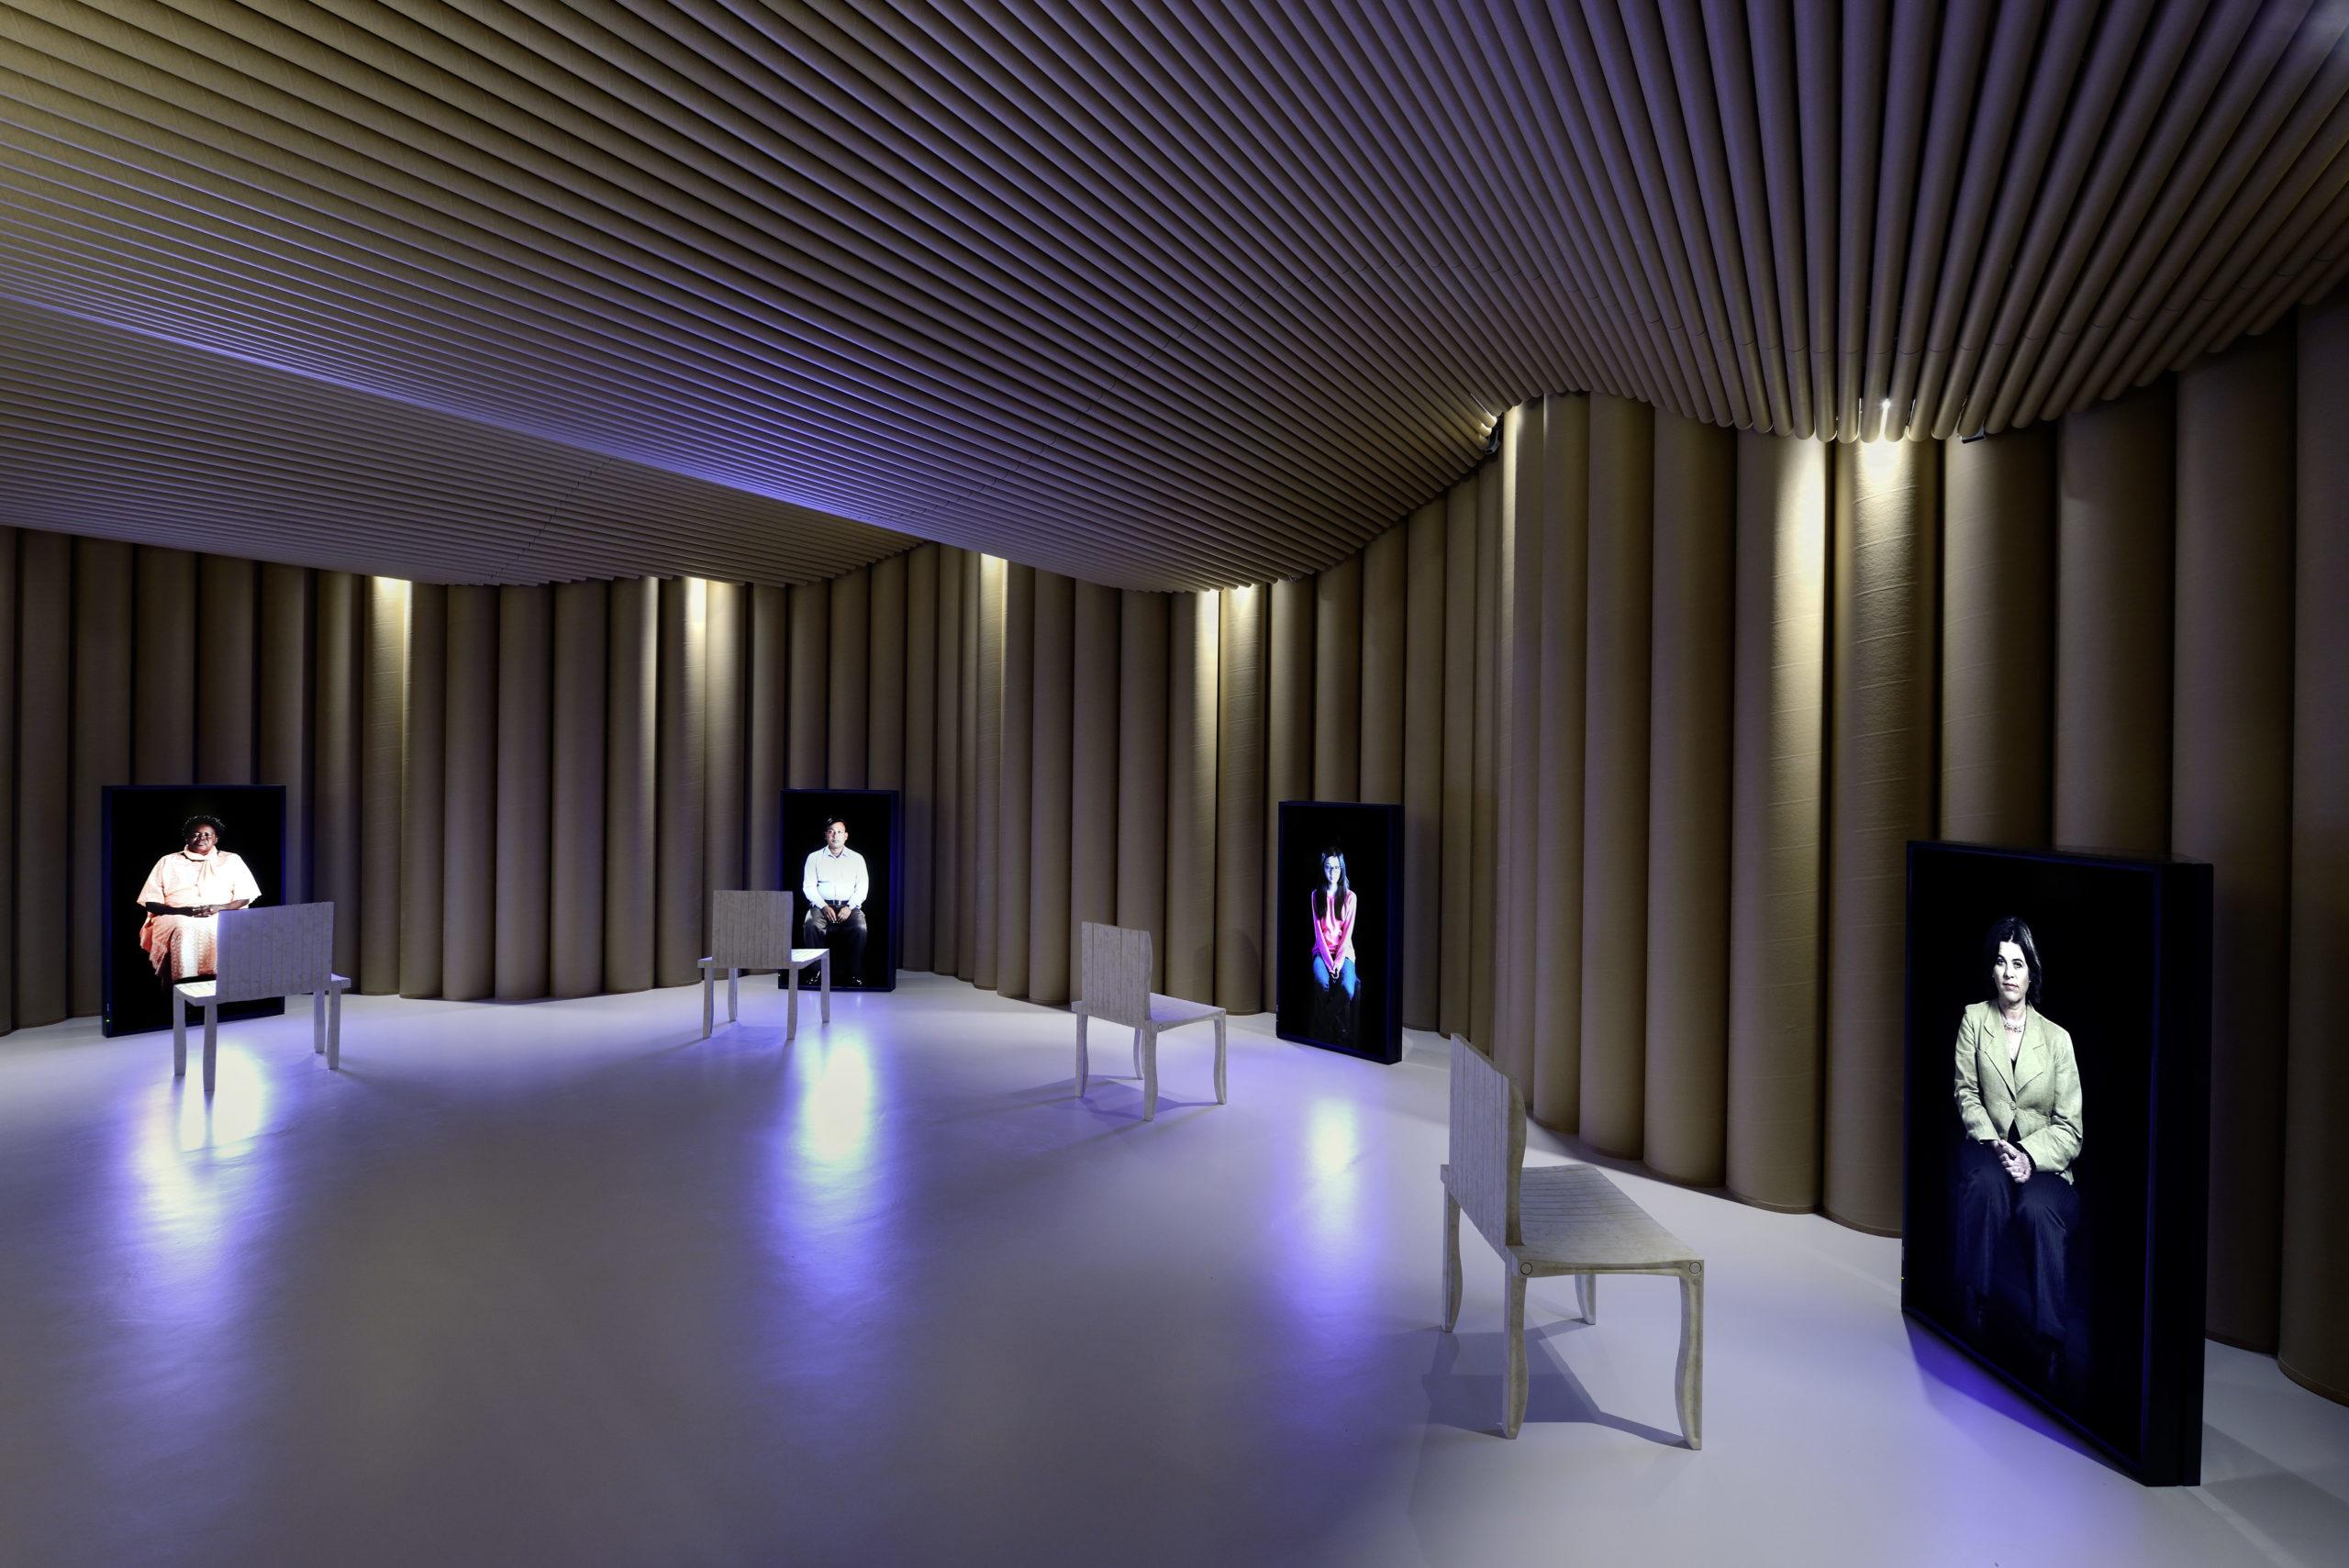 La chambre des témoins, Architecte Shigeru Ban – ©MICR photo Alain Germond